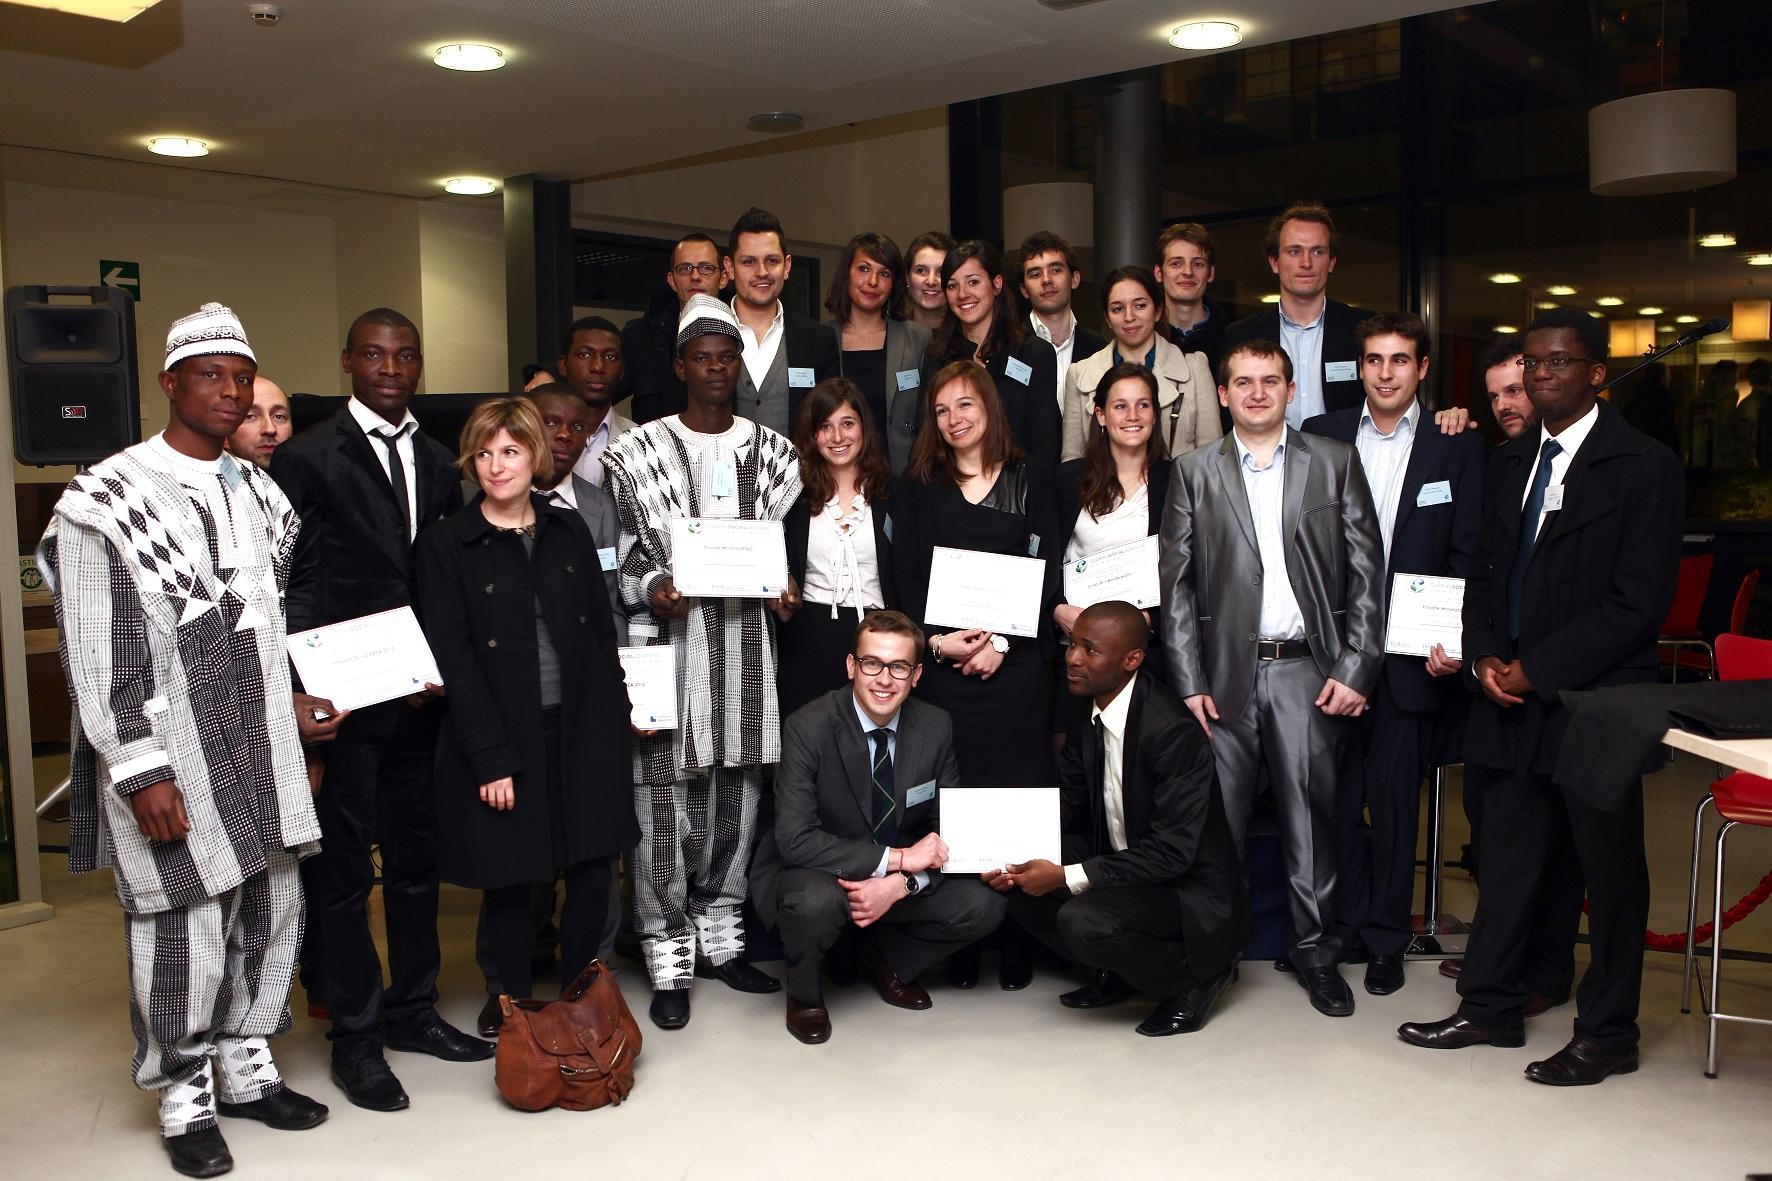 Un Concours international de start-ups de l'ESS hébergé par l'ESSEC